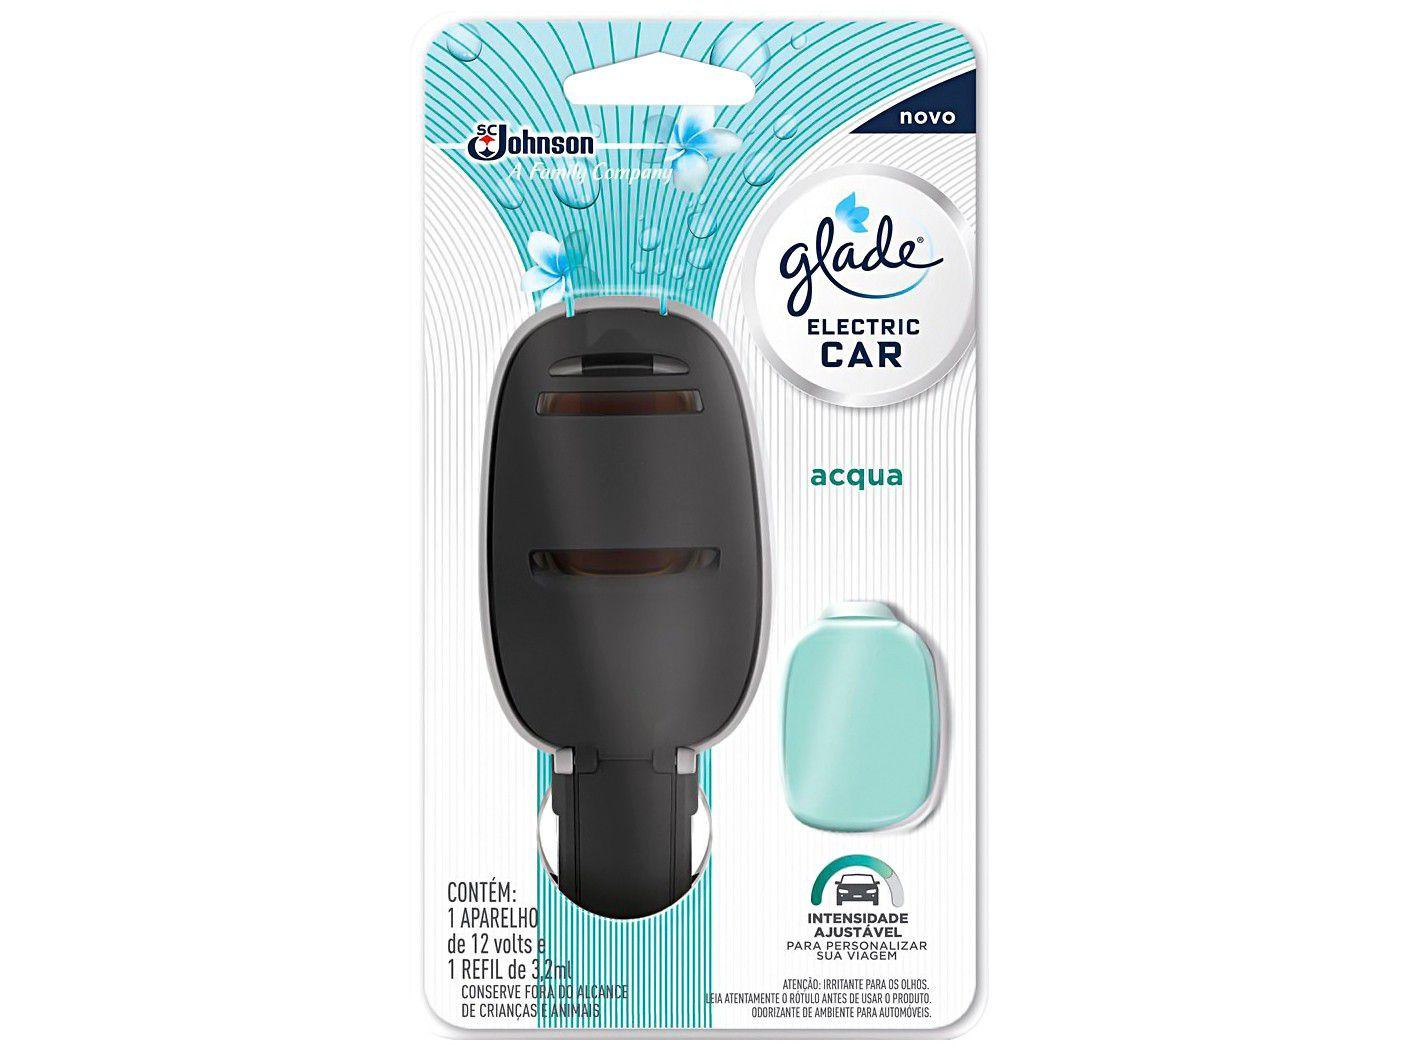 Odorizador para Carro Elétrico Glade - Electric Car Acqua 3,2ml